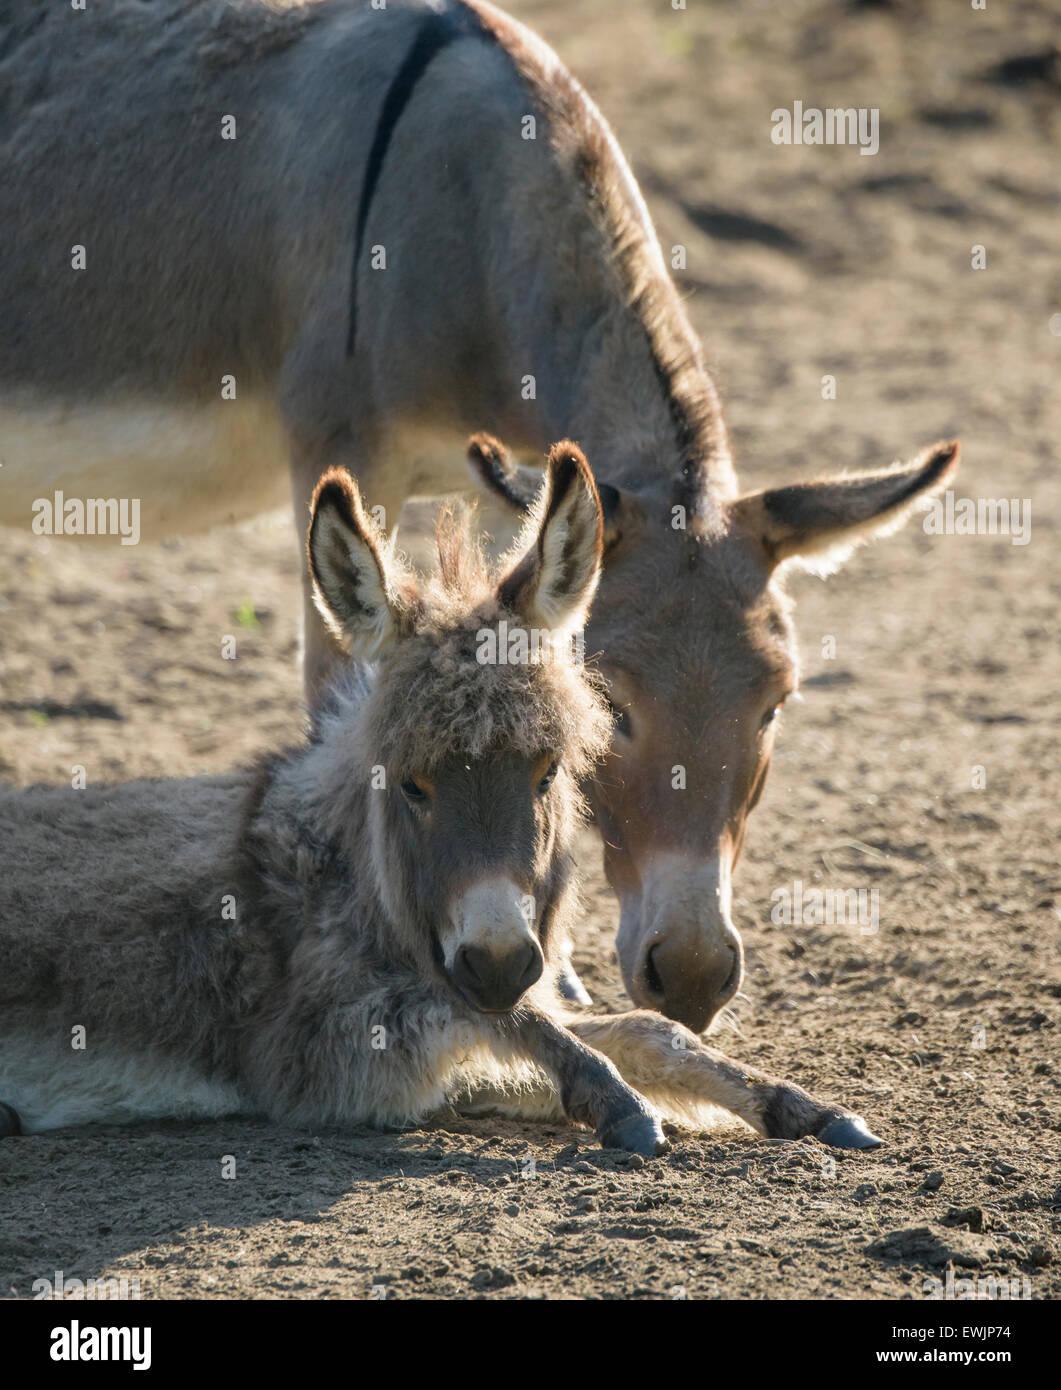 Miniature Donkey Stock Photos & Miniature Donkey Stock Images - Alamy